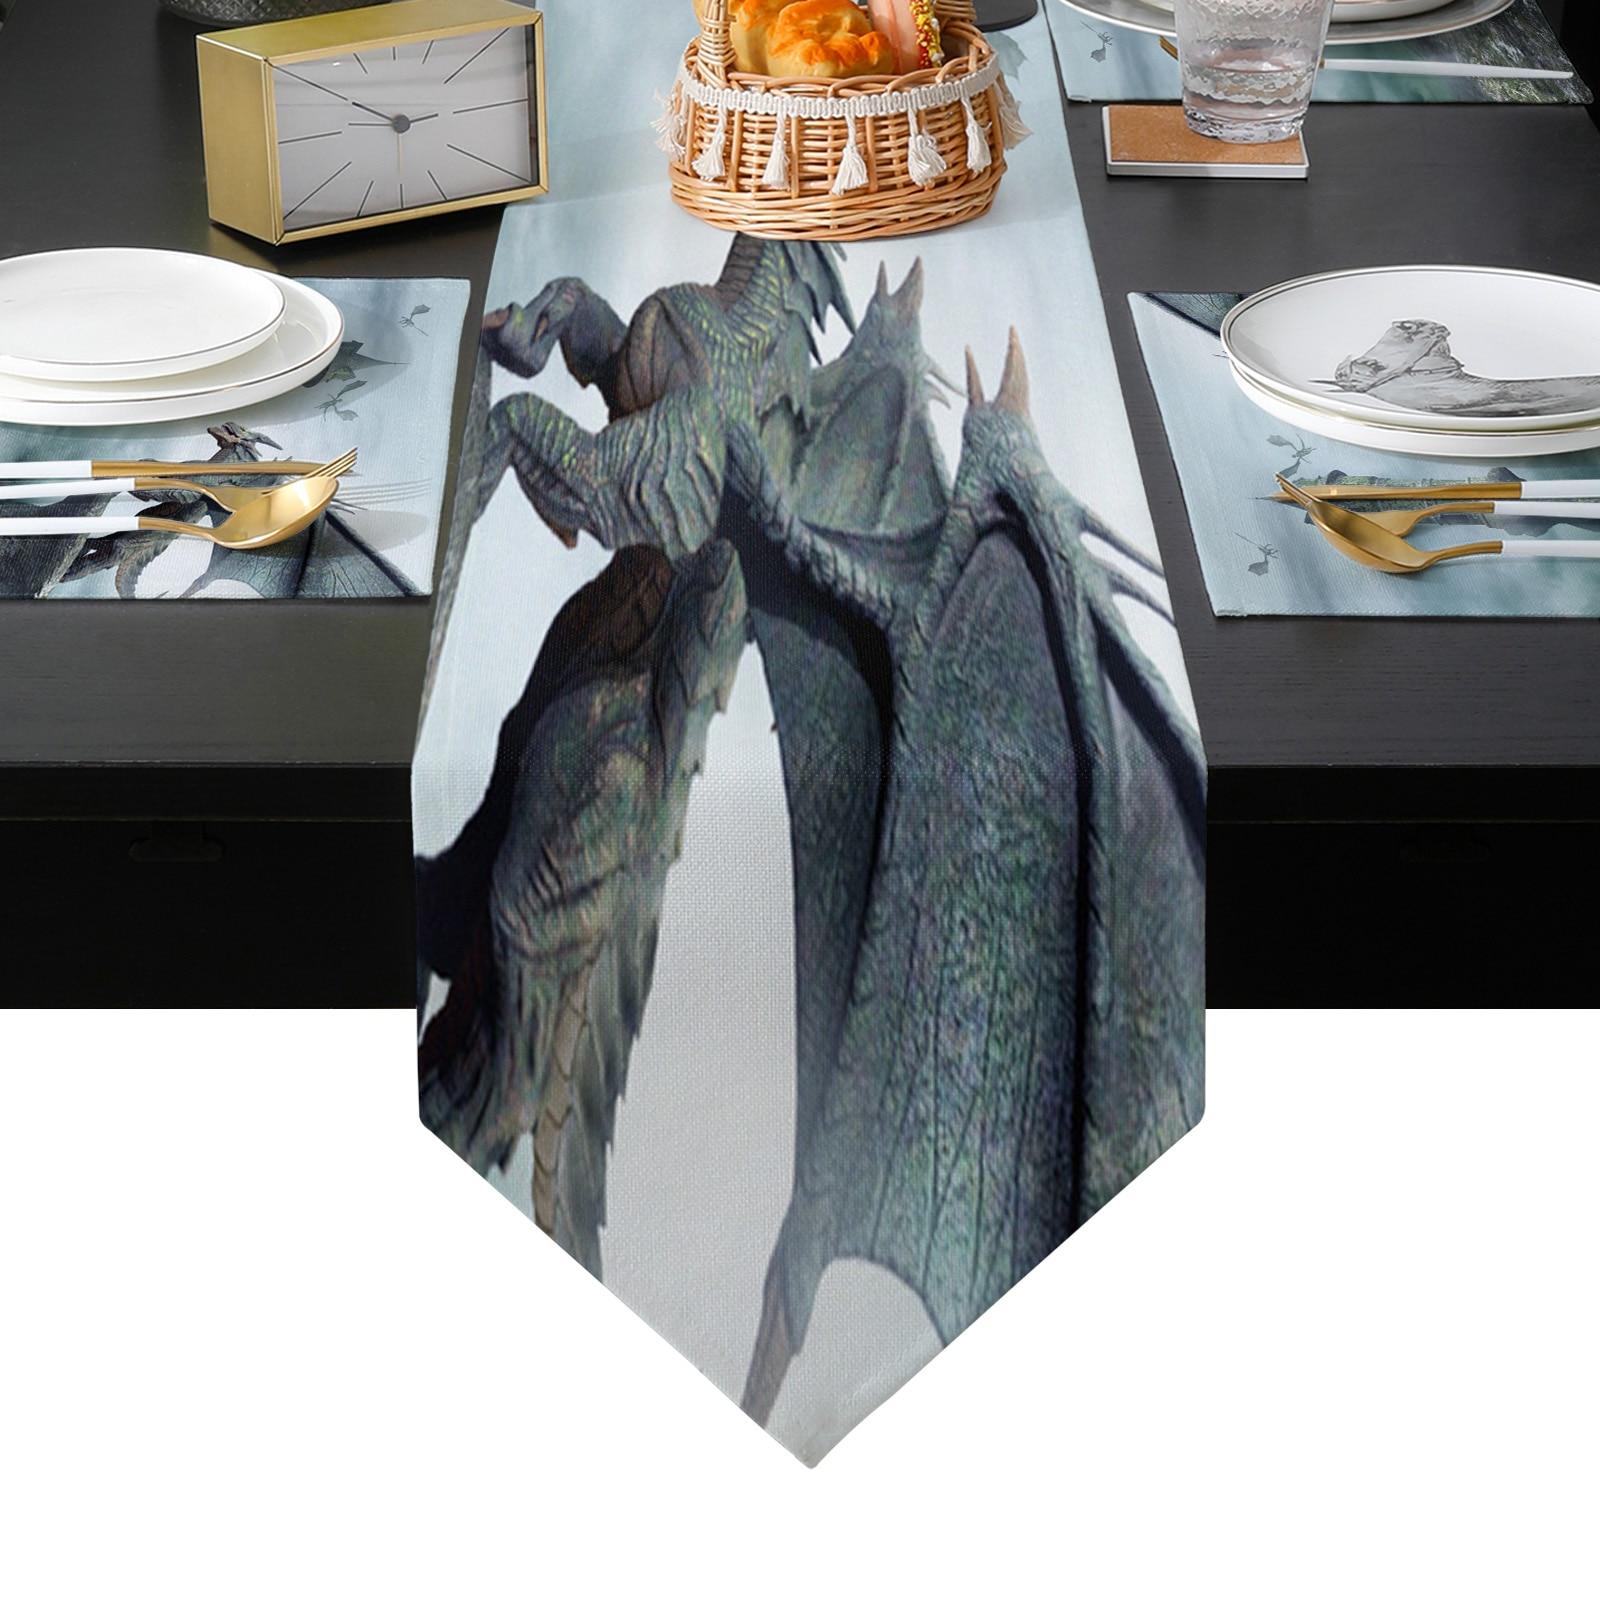 حجر التنين الجدول عداء عطلة المطبخ طاولة طعام العدائين مكان الحصير مجموعة للمنزل ديكور حفلات